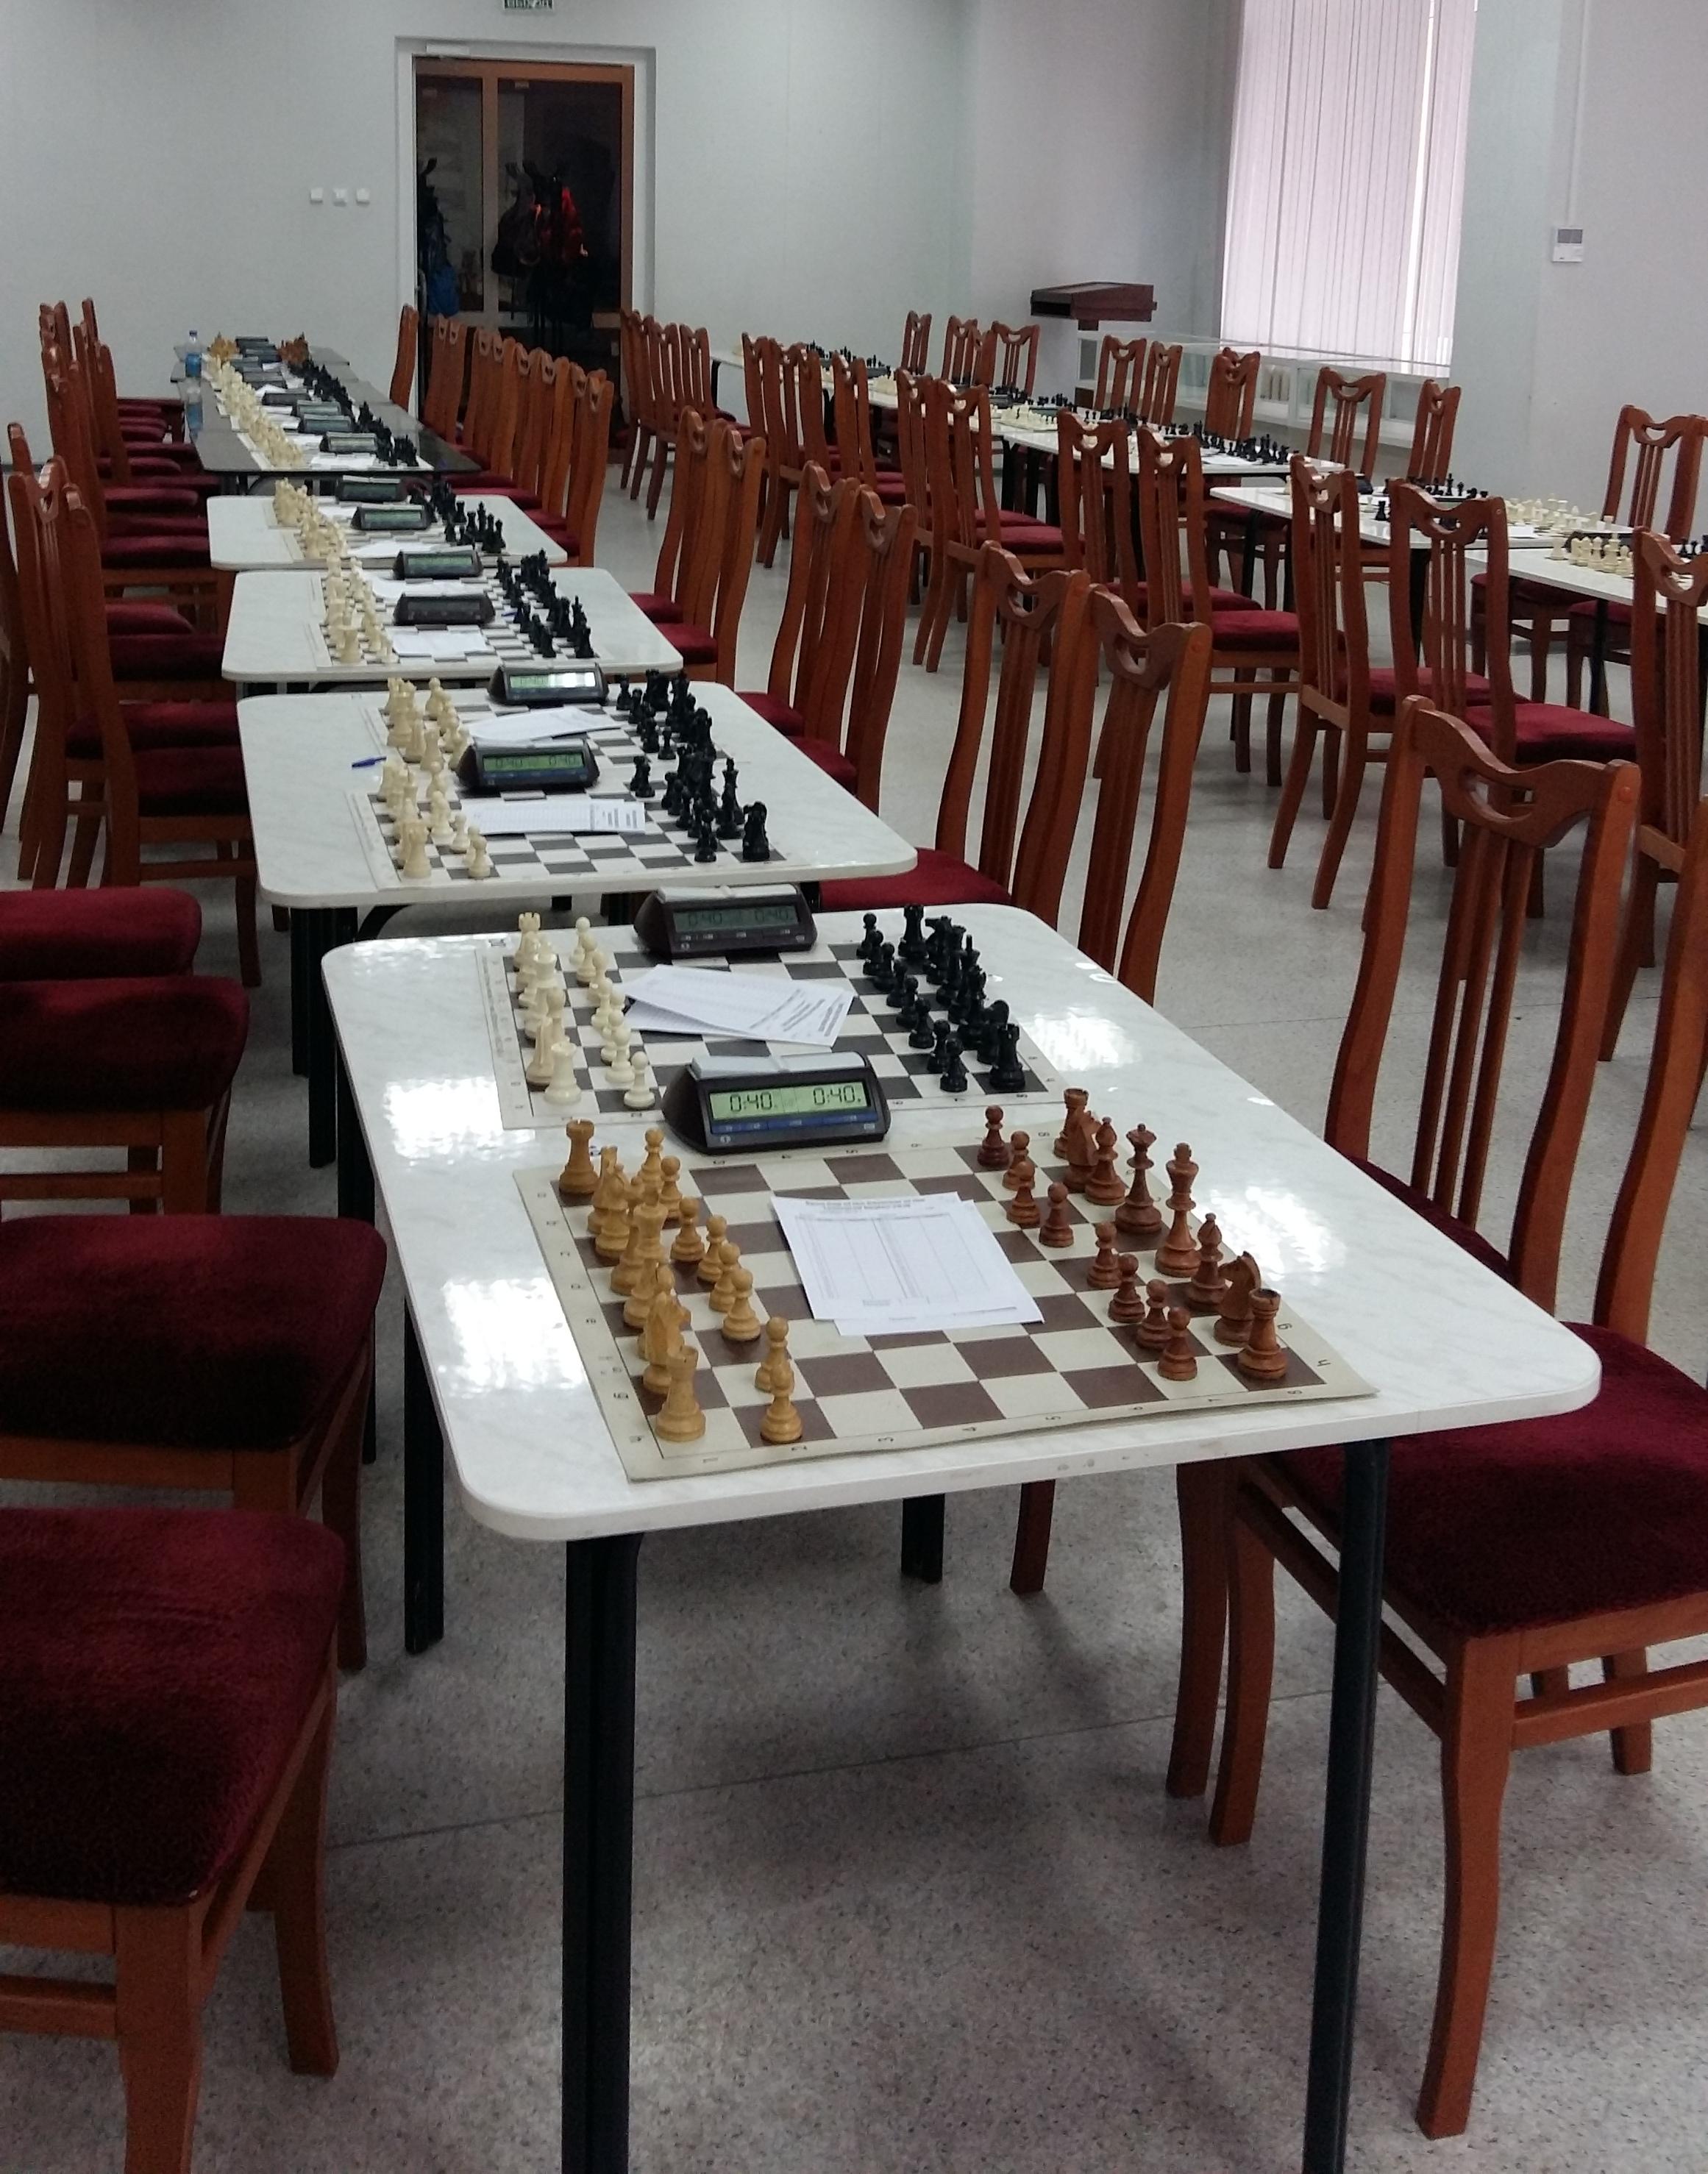 Анонс! Областной турнир по шахматам «Приз Центра Ладога» (2 этап), (Мальчики, девочки до 11 лет)